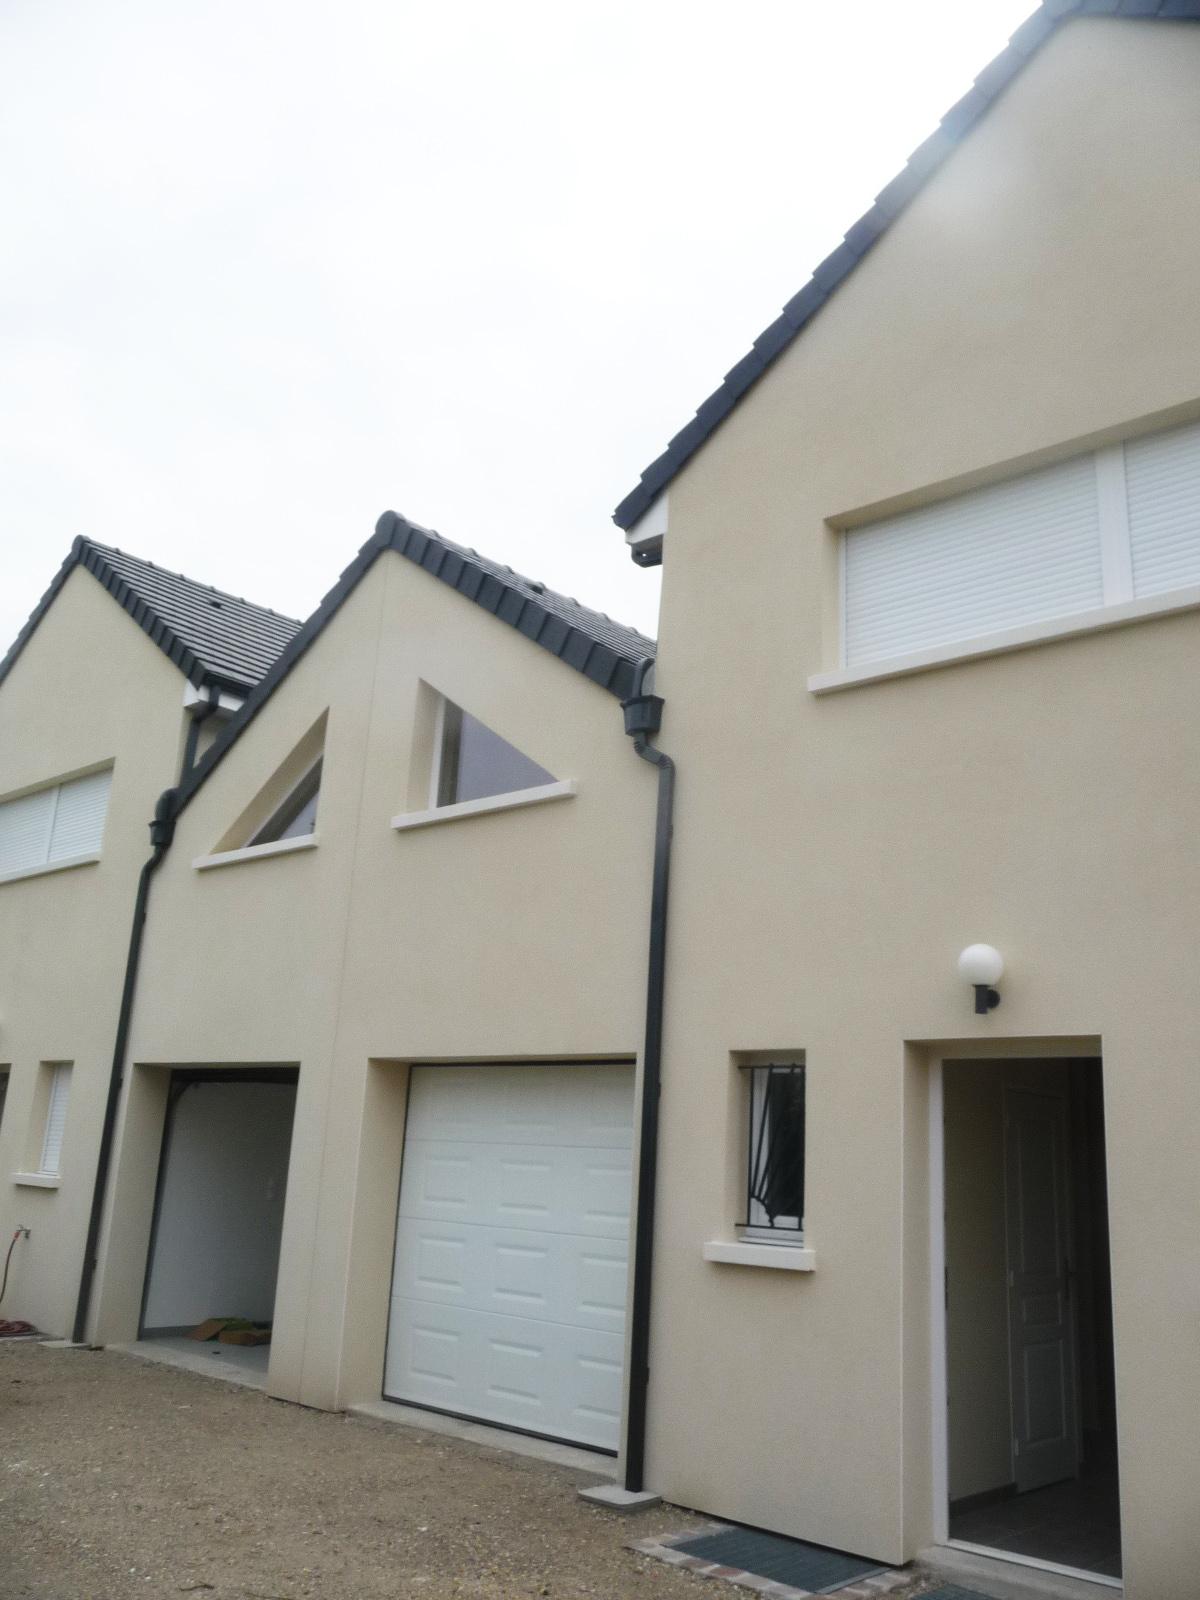 Image Principale - Deux maisons jumelles à Villiers Saint Frédérique